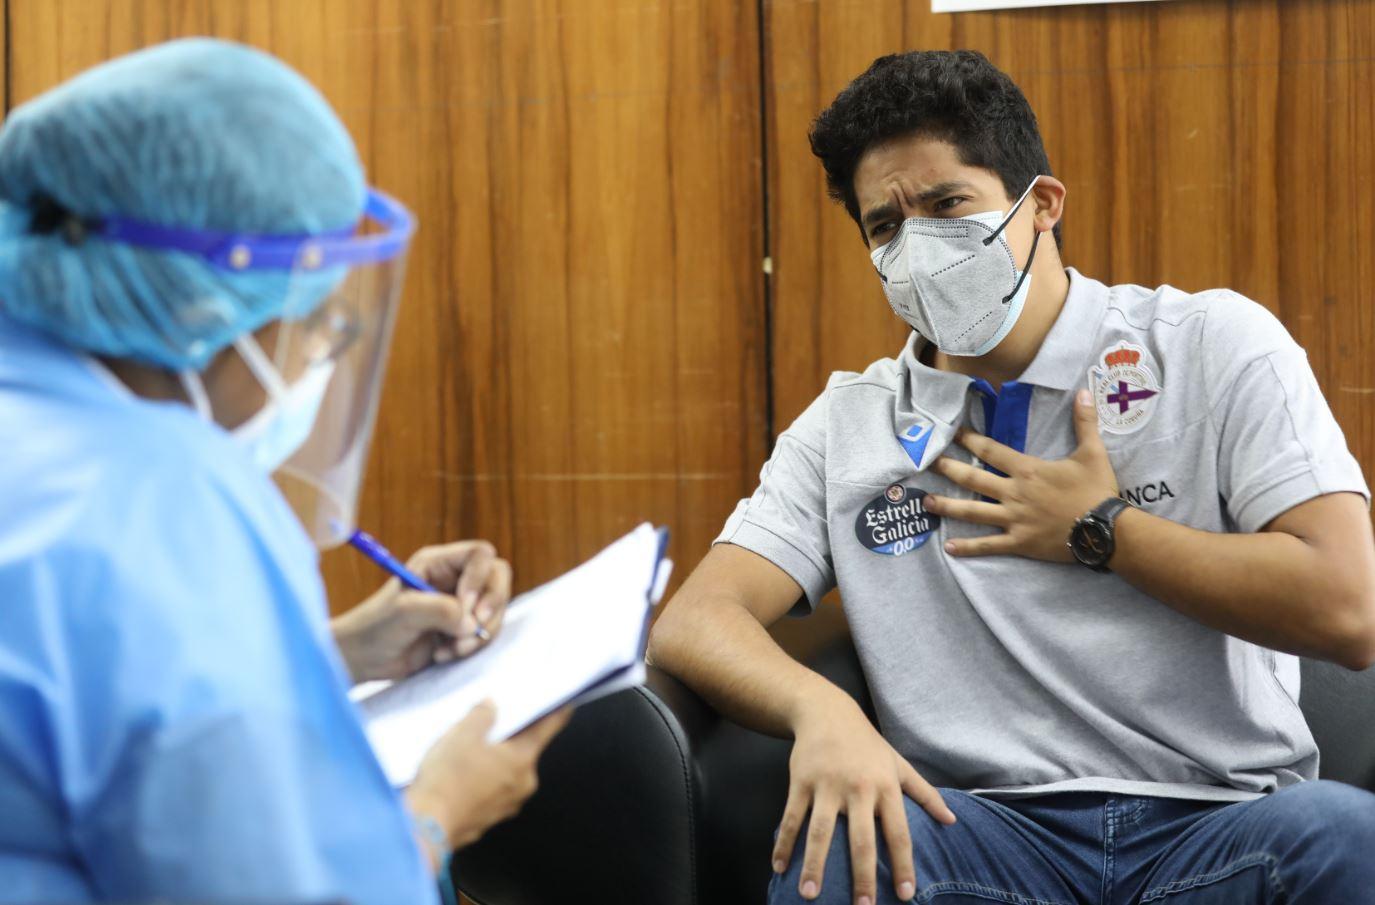 Essalud - EsSalud: Cómo diferenciar una reinfección de una secuela del COVID 19